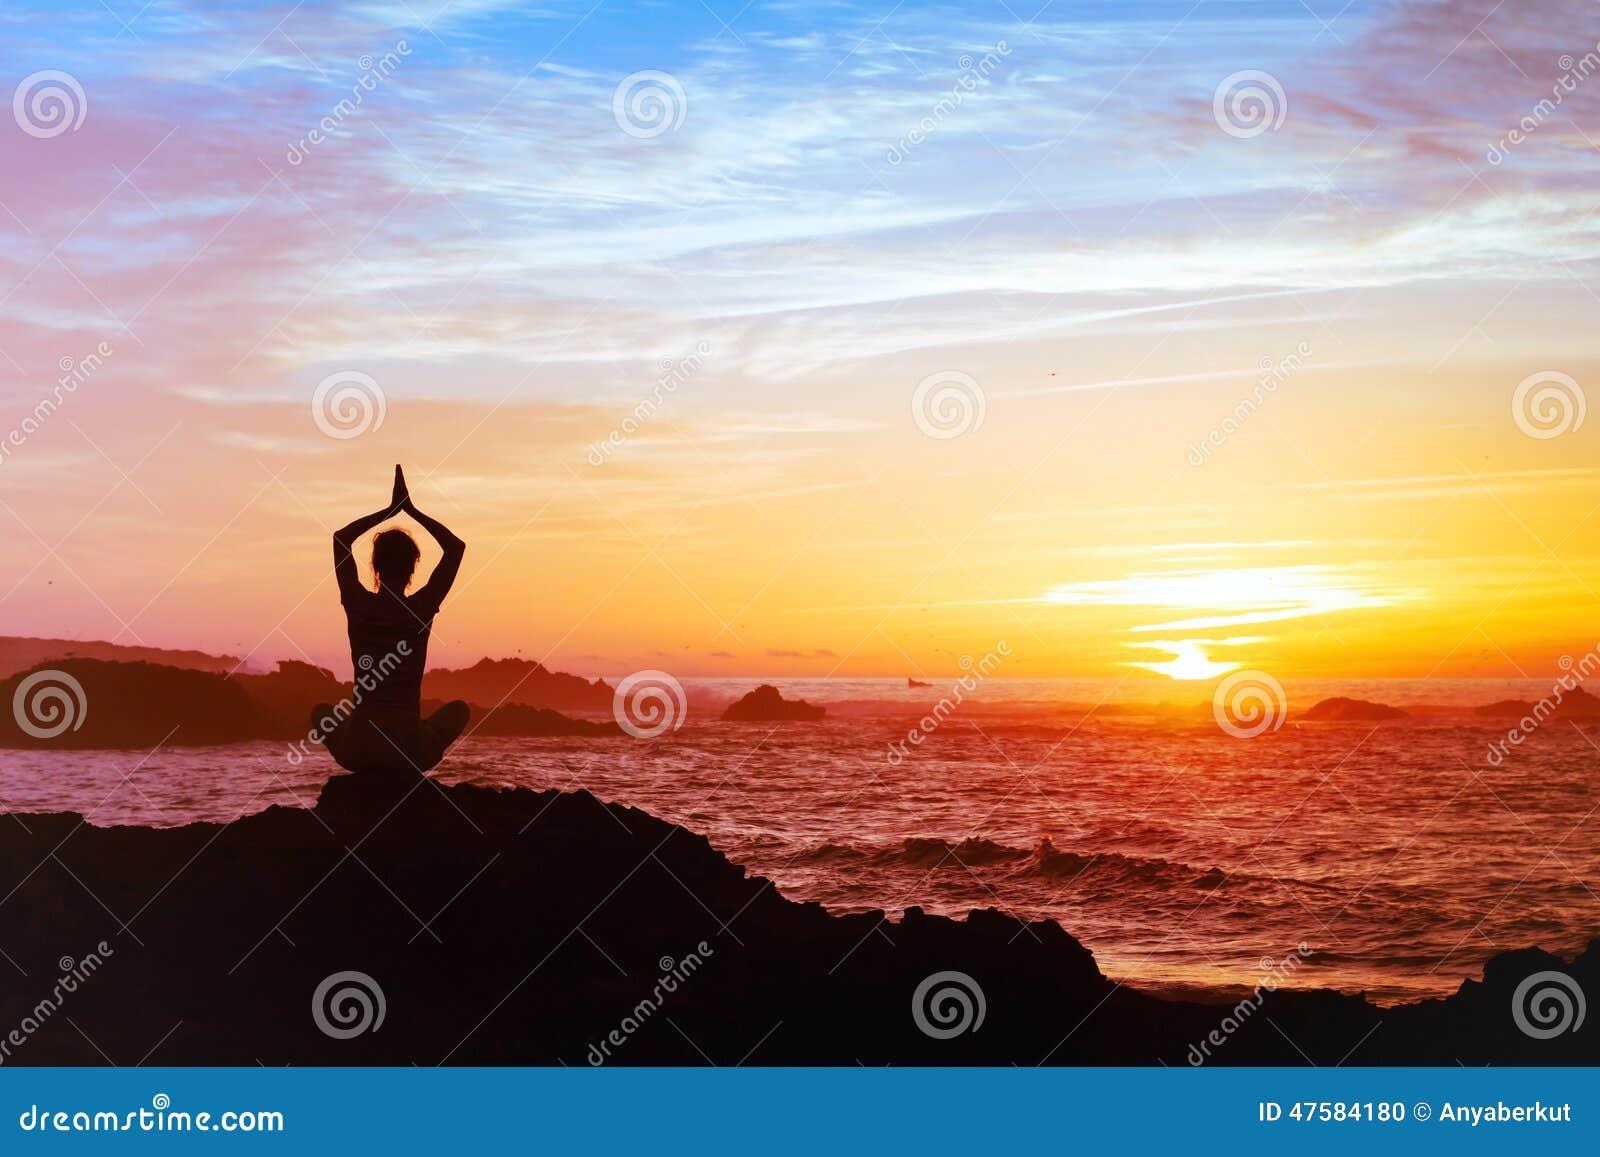 Silhueta da ioga praticando da pessoa